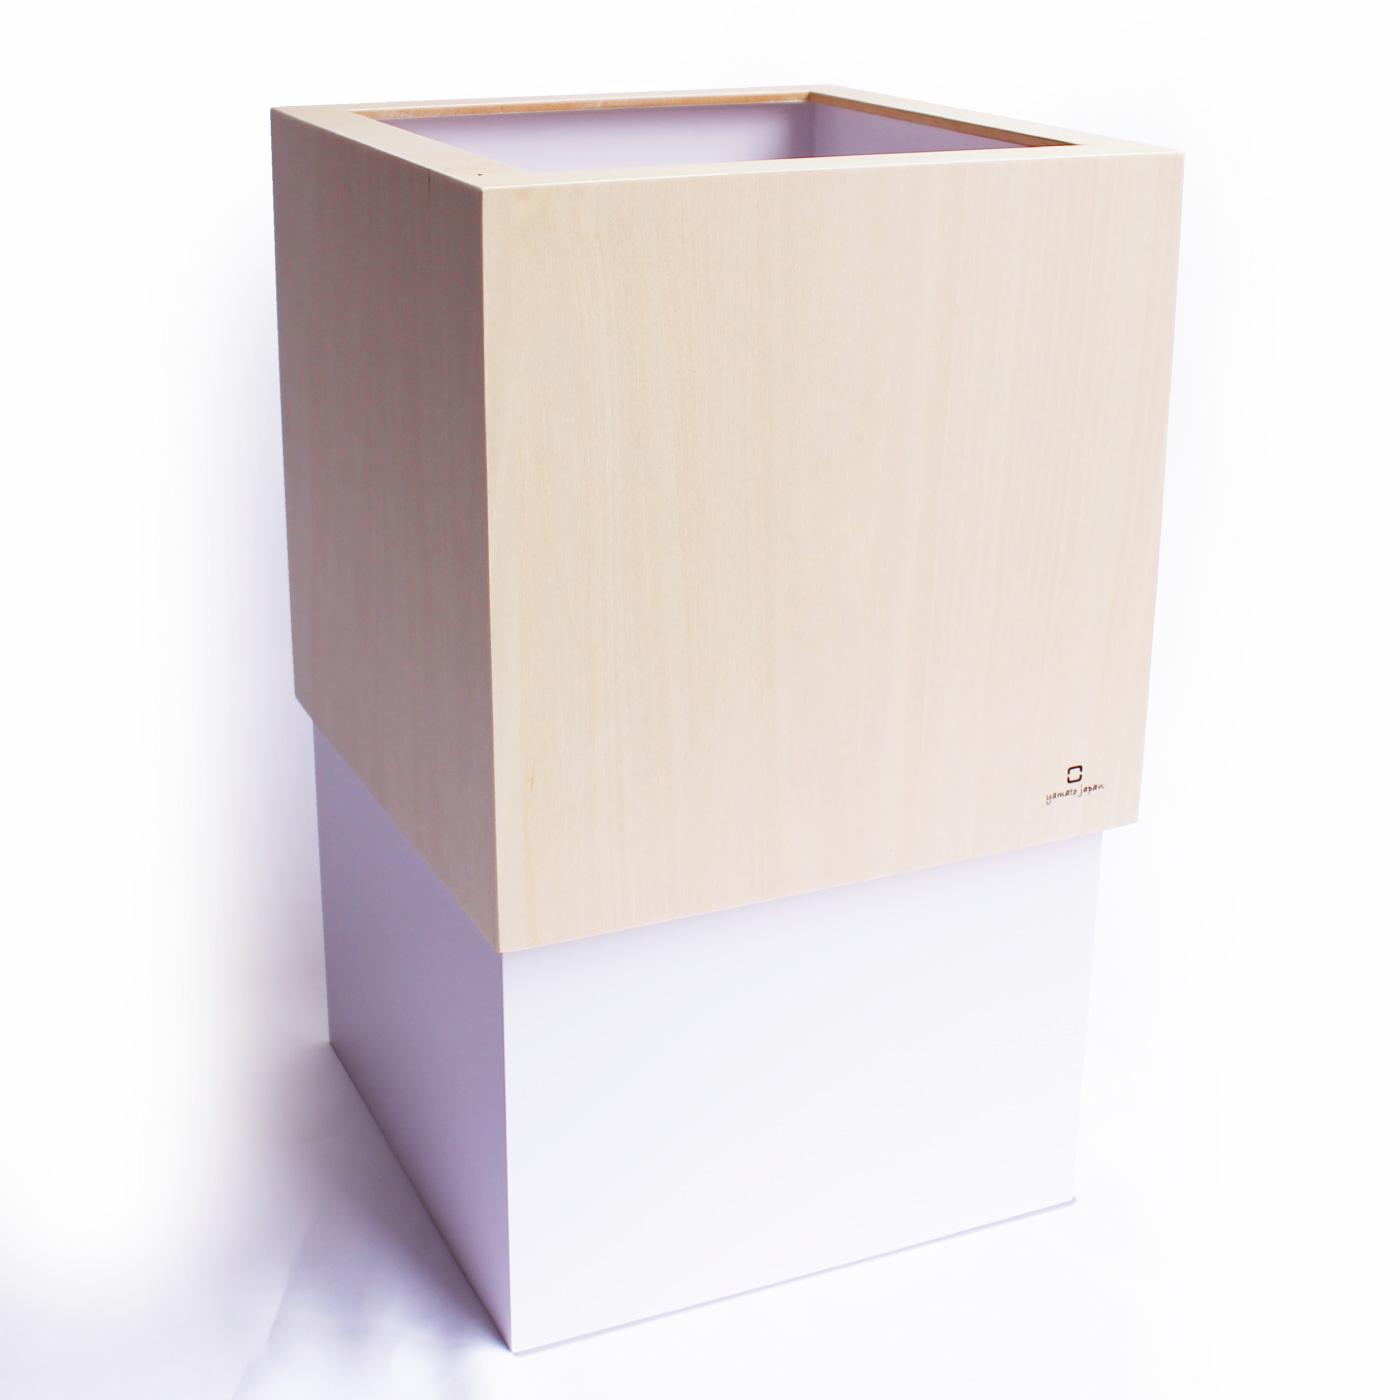 フェリシモ どんなインテリアにもなじむスタイリッシュな木製 Wキューブ ダストボックス